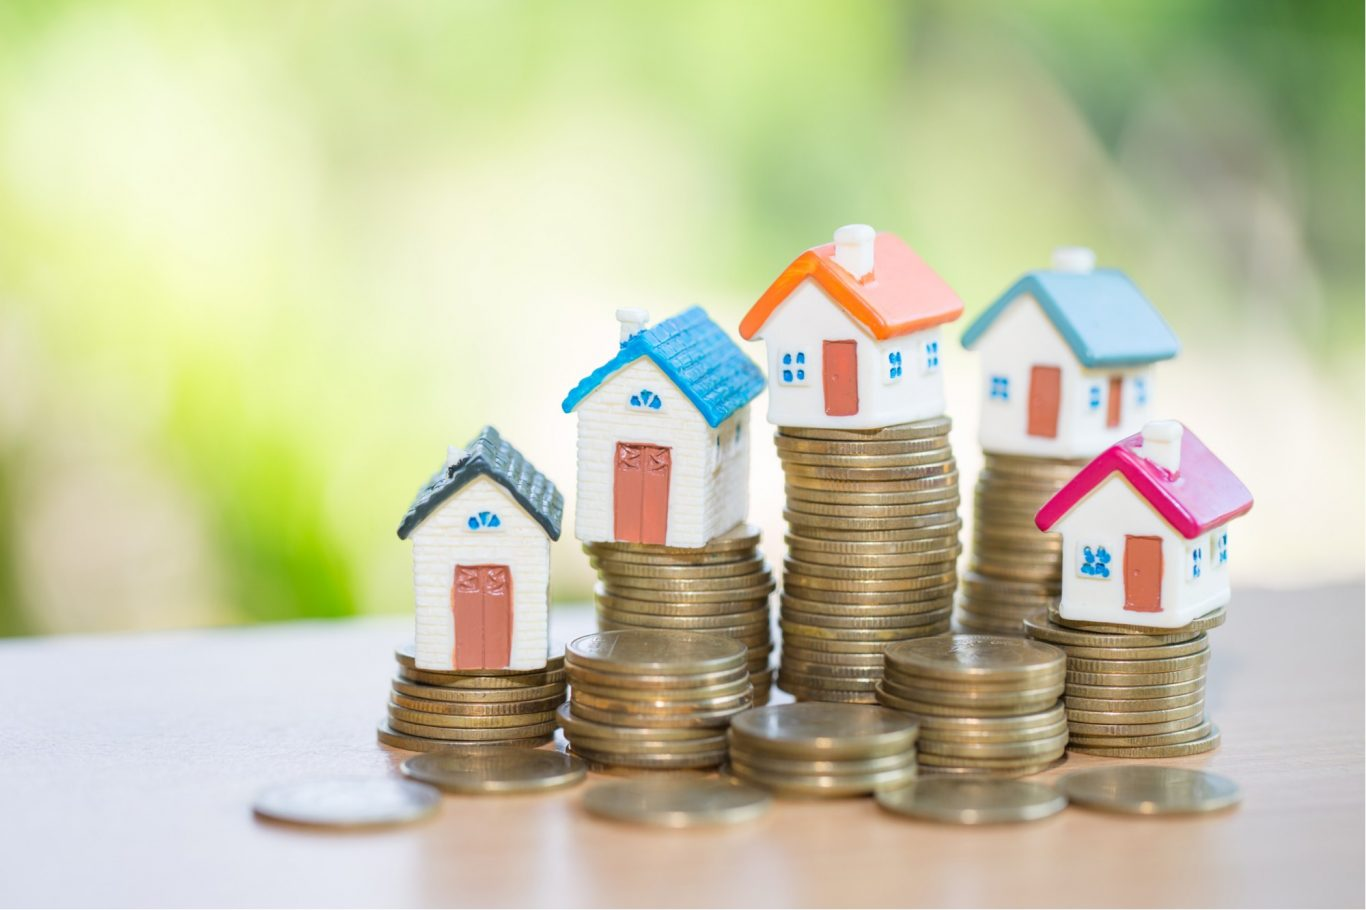 comprar una vivienda con creditos